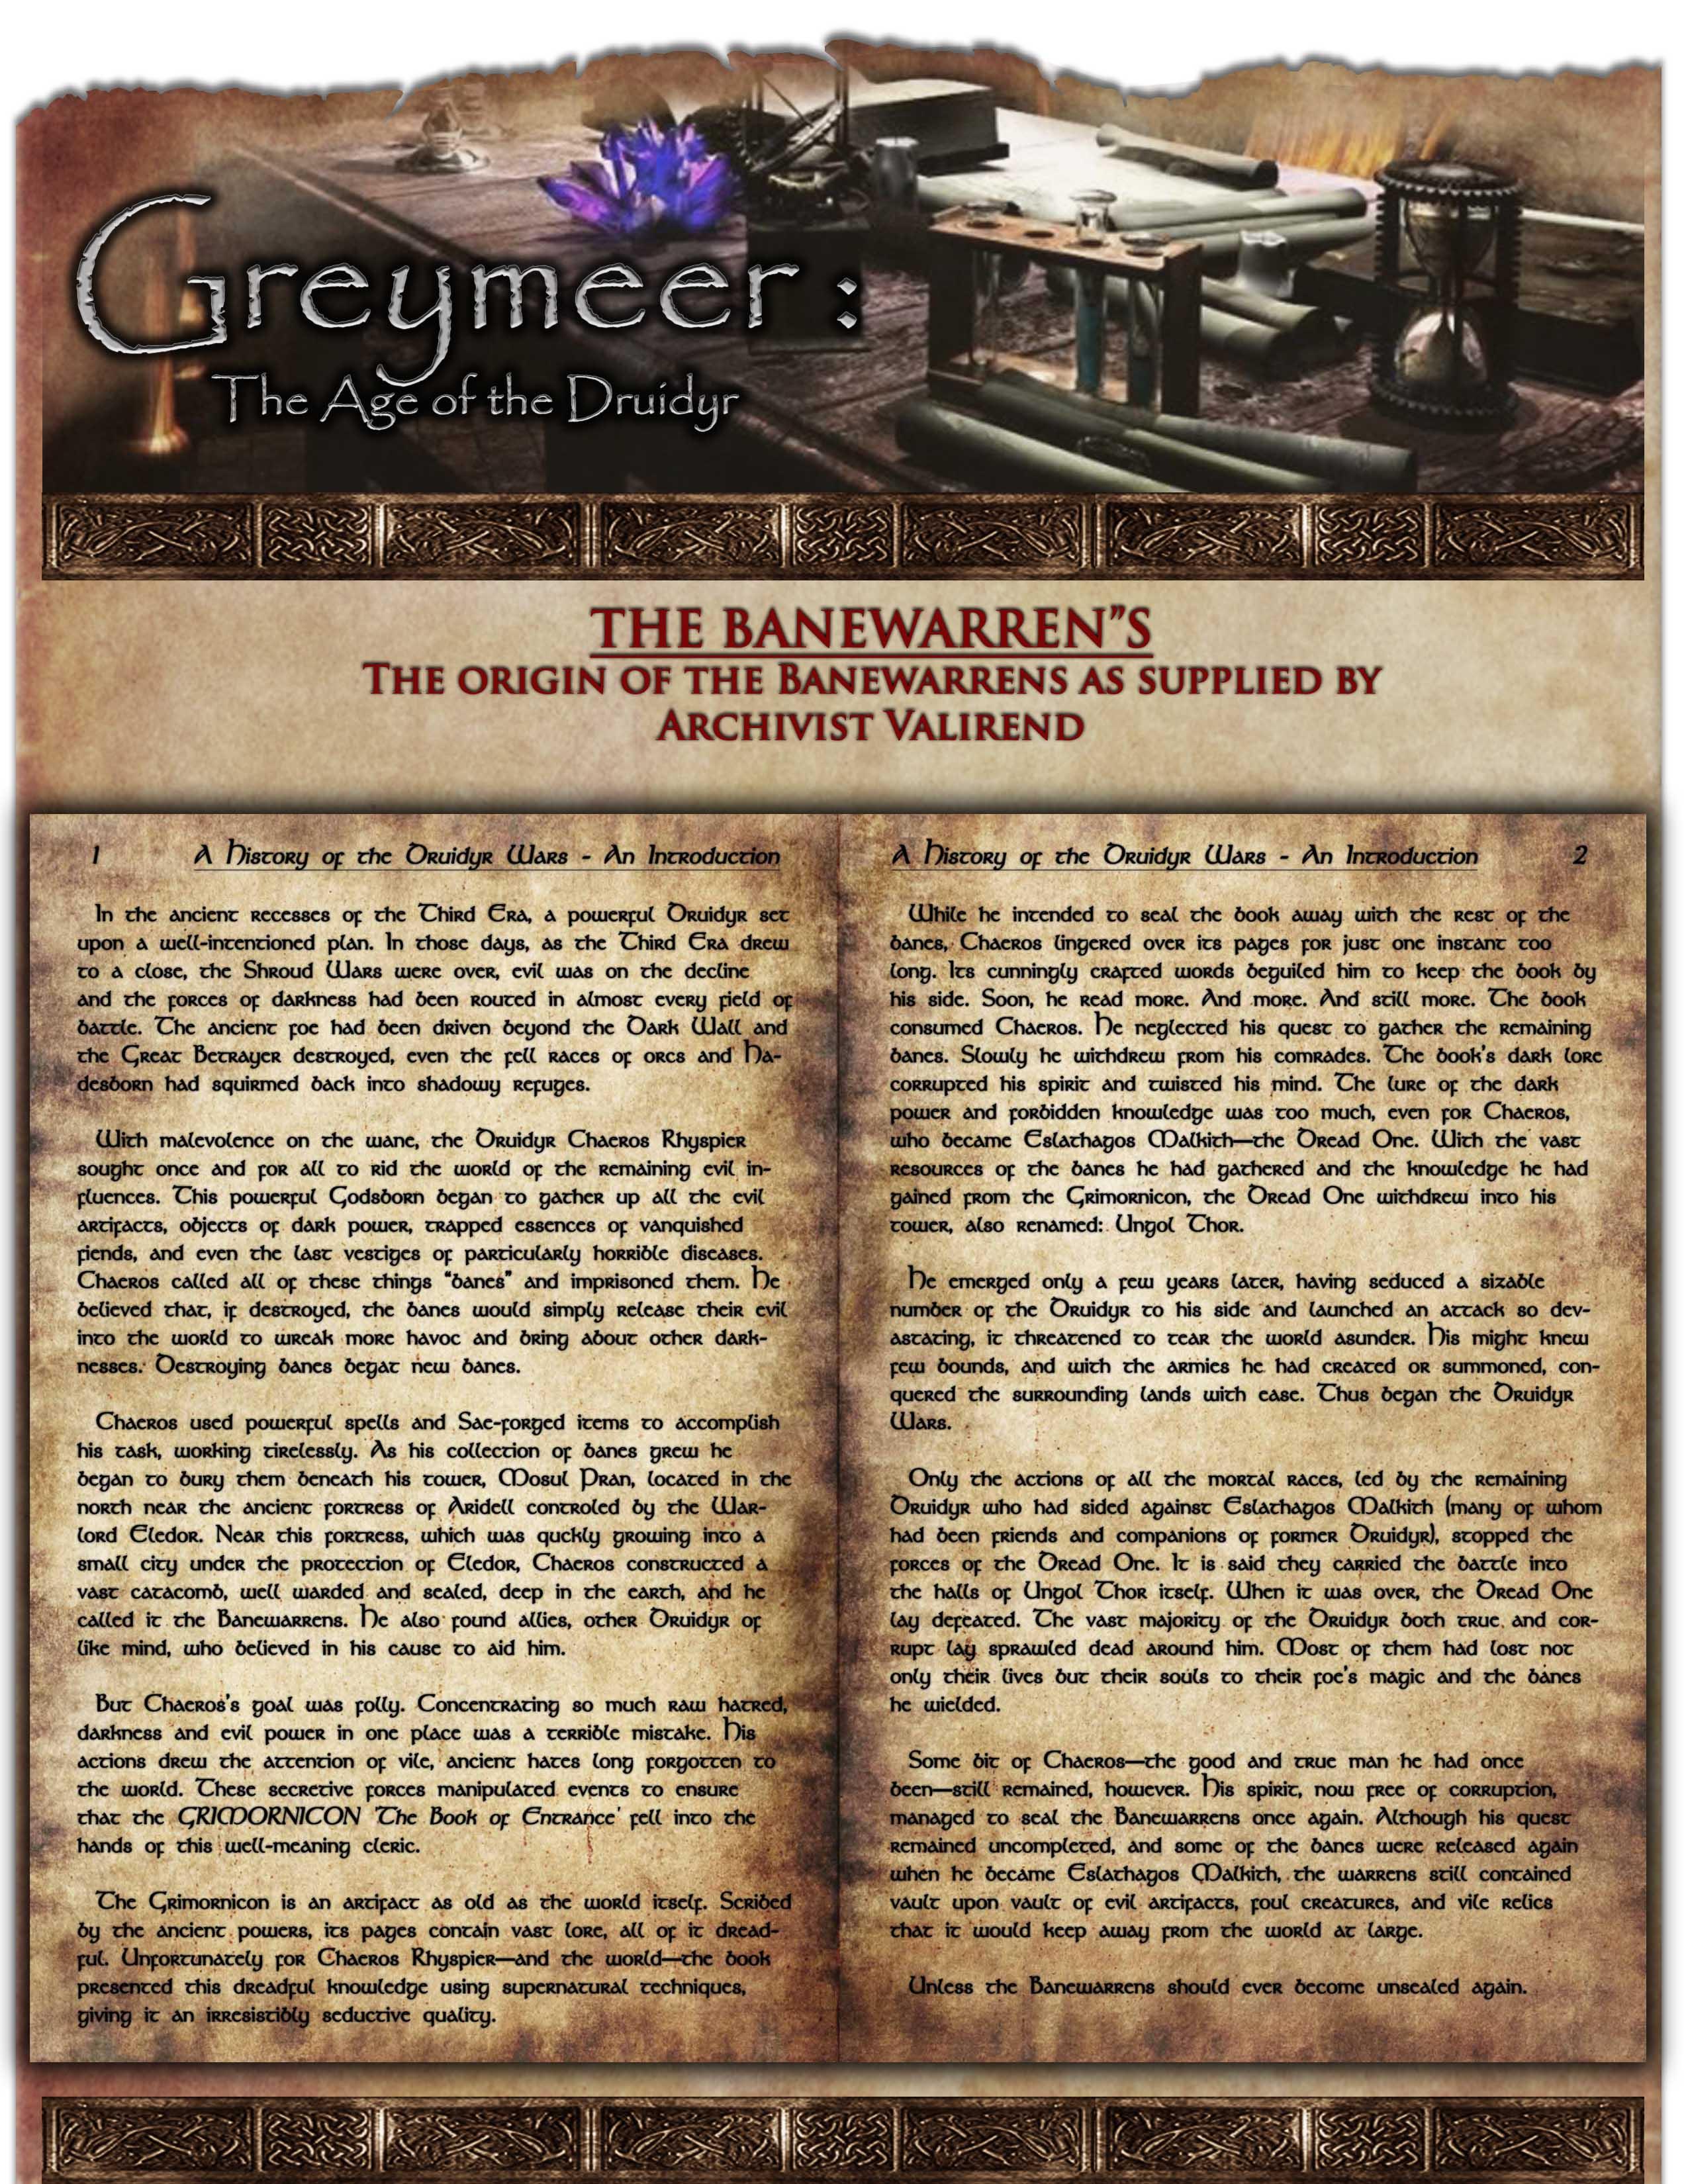 Op   the banewarens